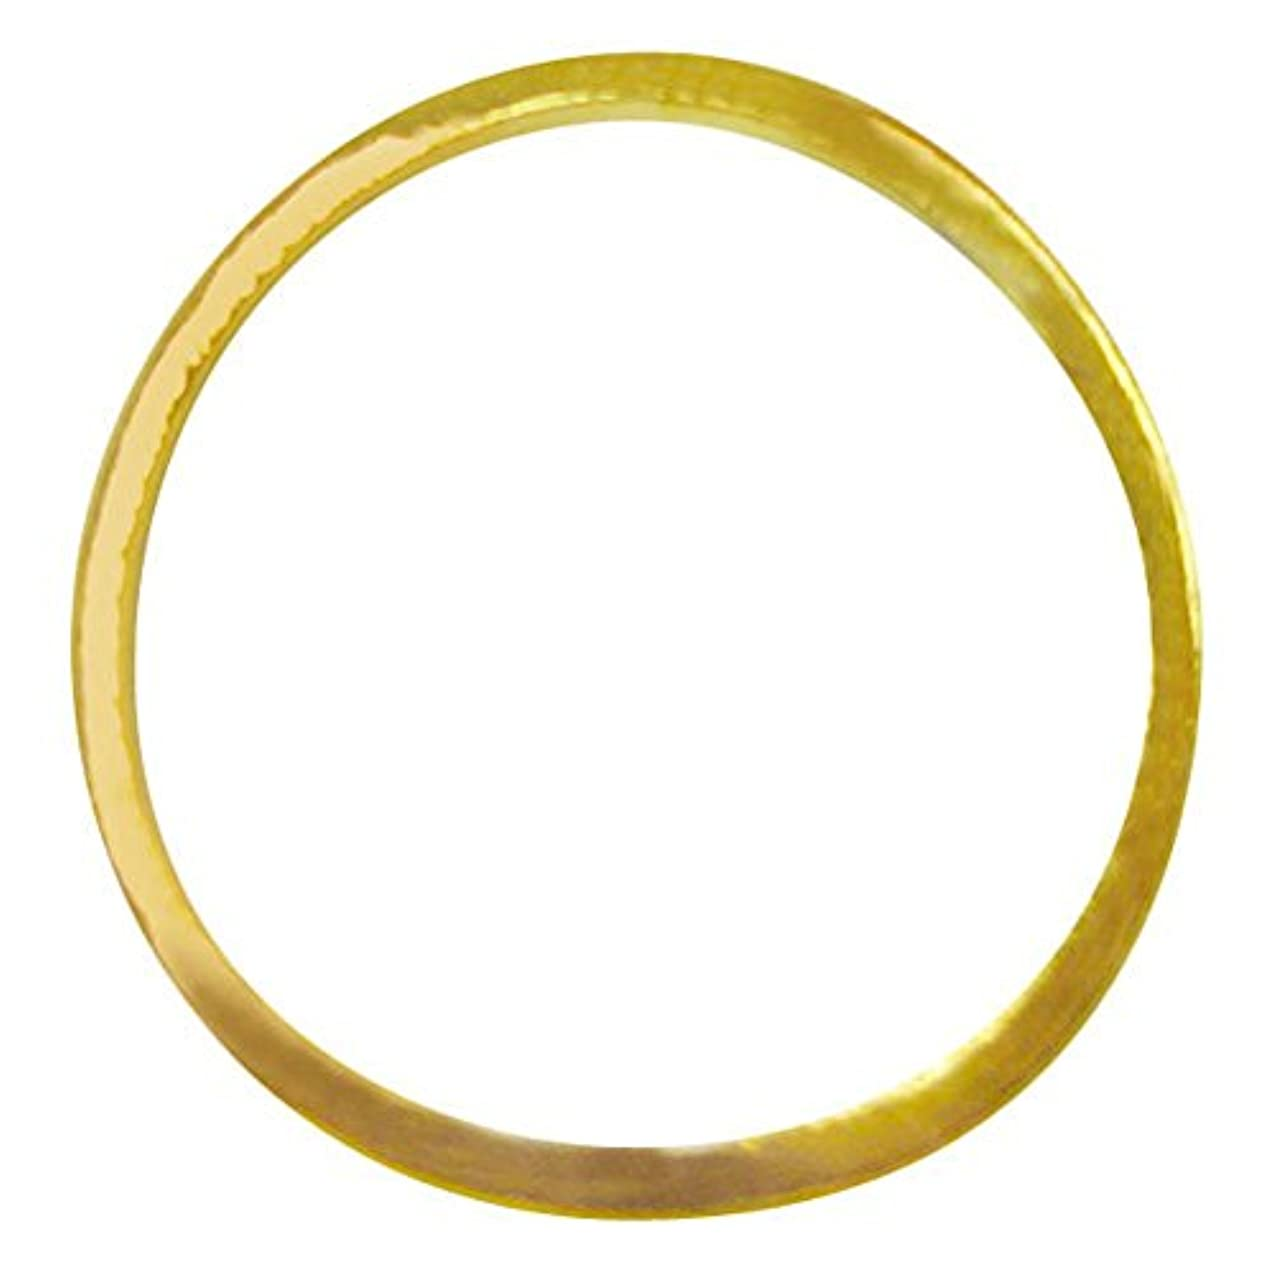 入手します請求可能長いですジェルネイル  サンシャインベビー シンプル ラウンドフレームL(ゴールド) 10P